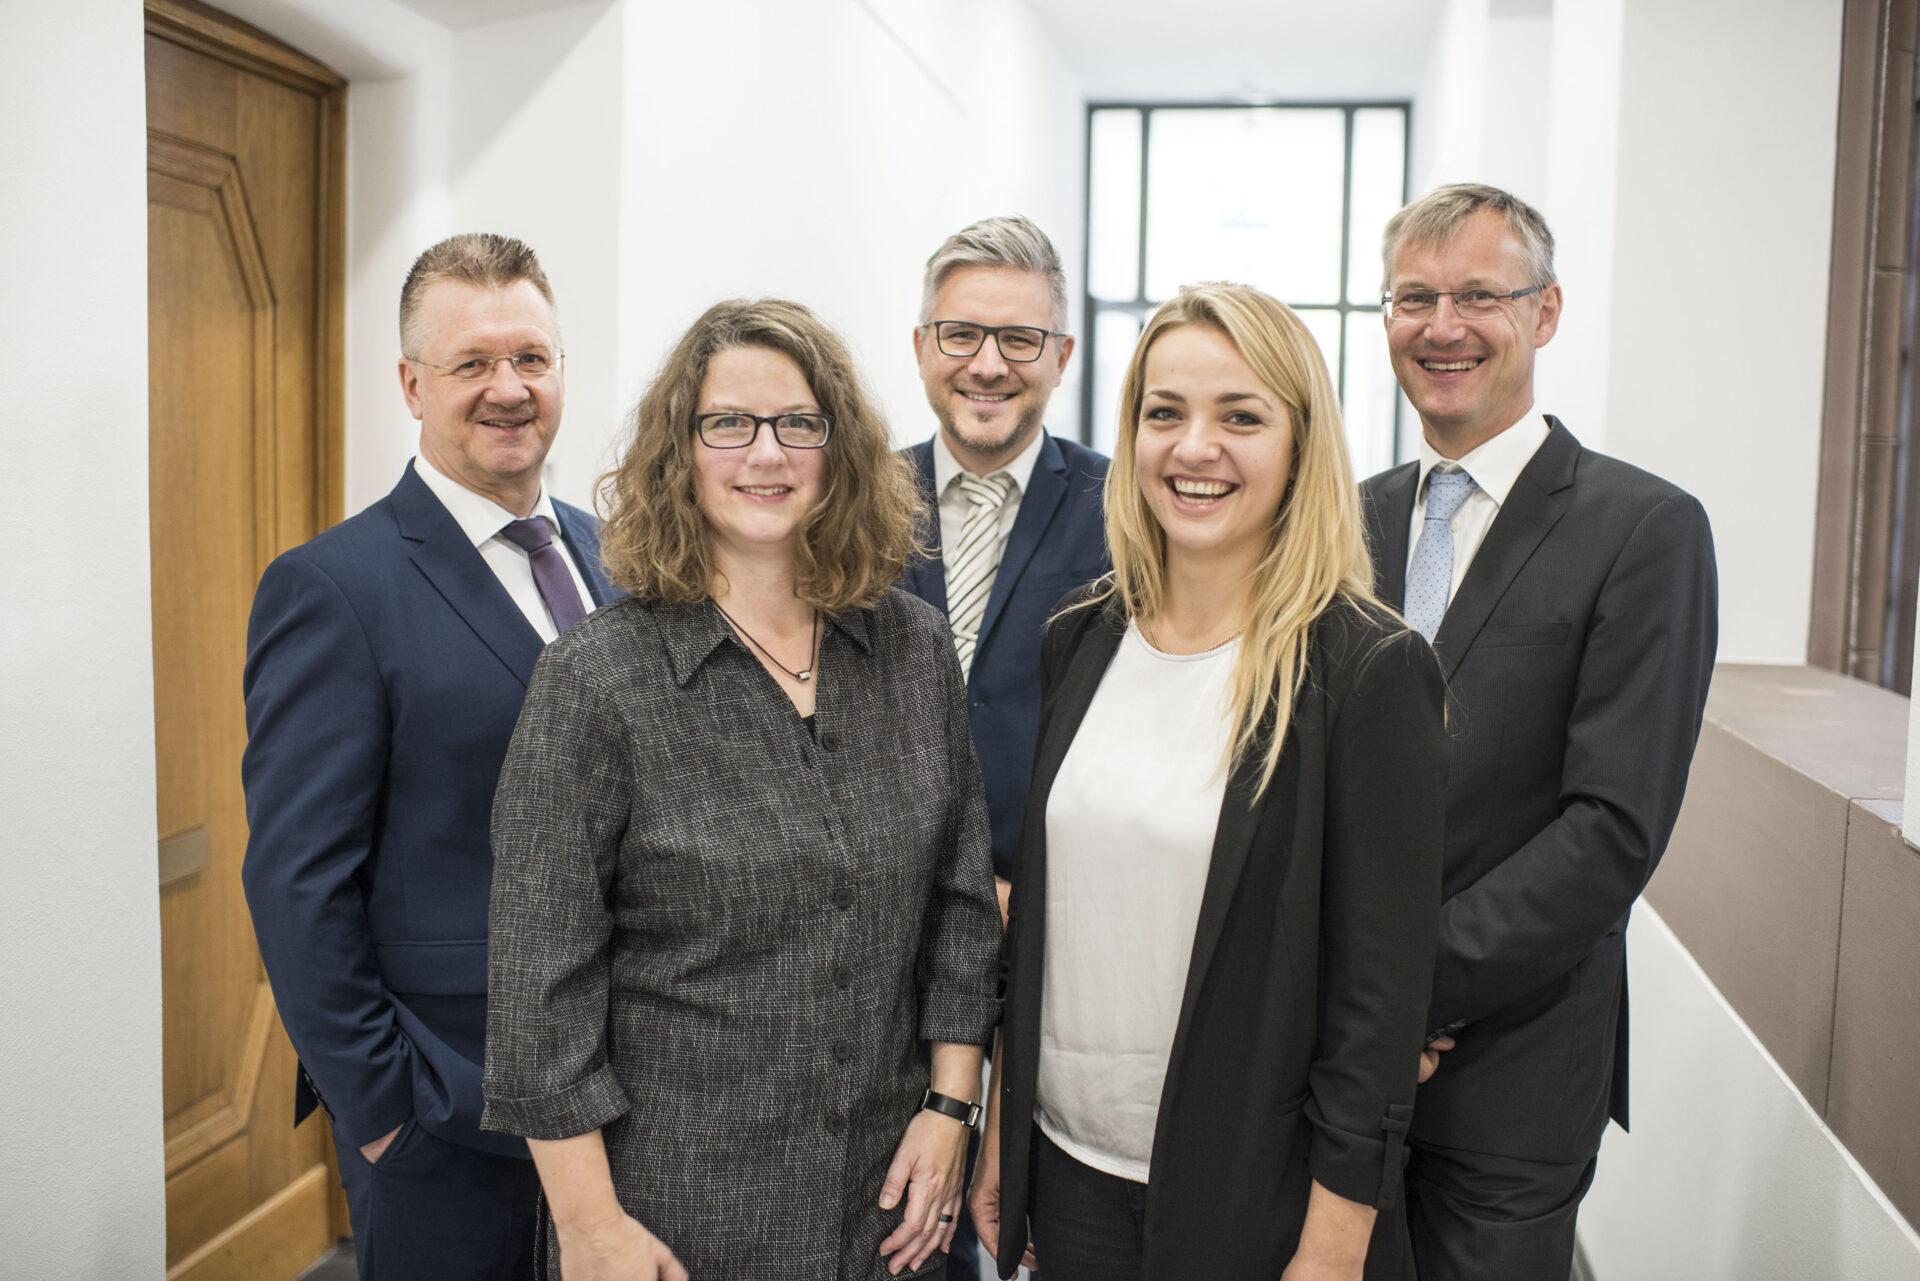 Das Team der Wirtschaftsförderung Recklinghausen. Foto: Stadt Recklinghausen